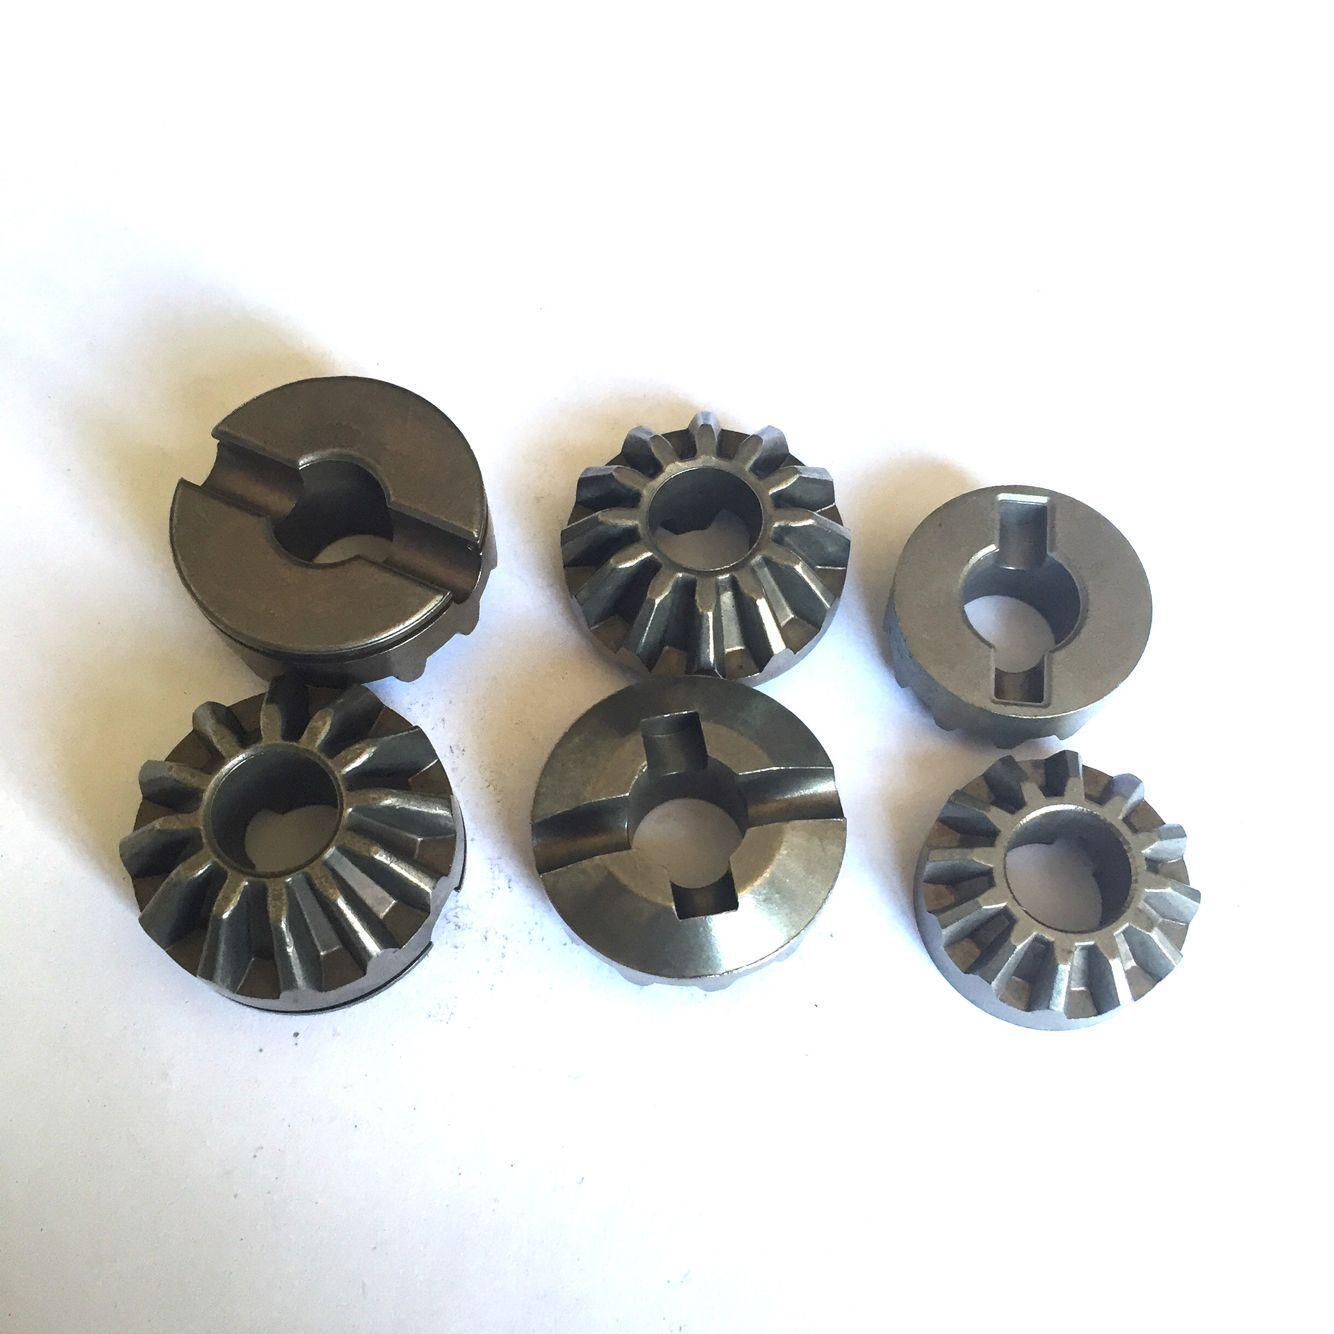 Bánh răng Nhà máy sản xuất trực tiếp bột luyện kim Các sản phẩm xâm nhập bằng đồng Bánh răng cường đ